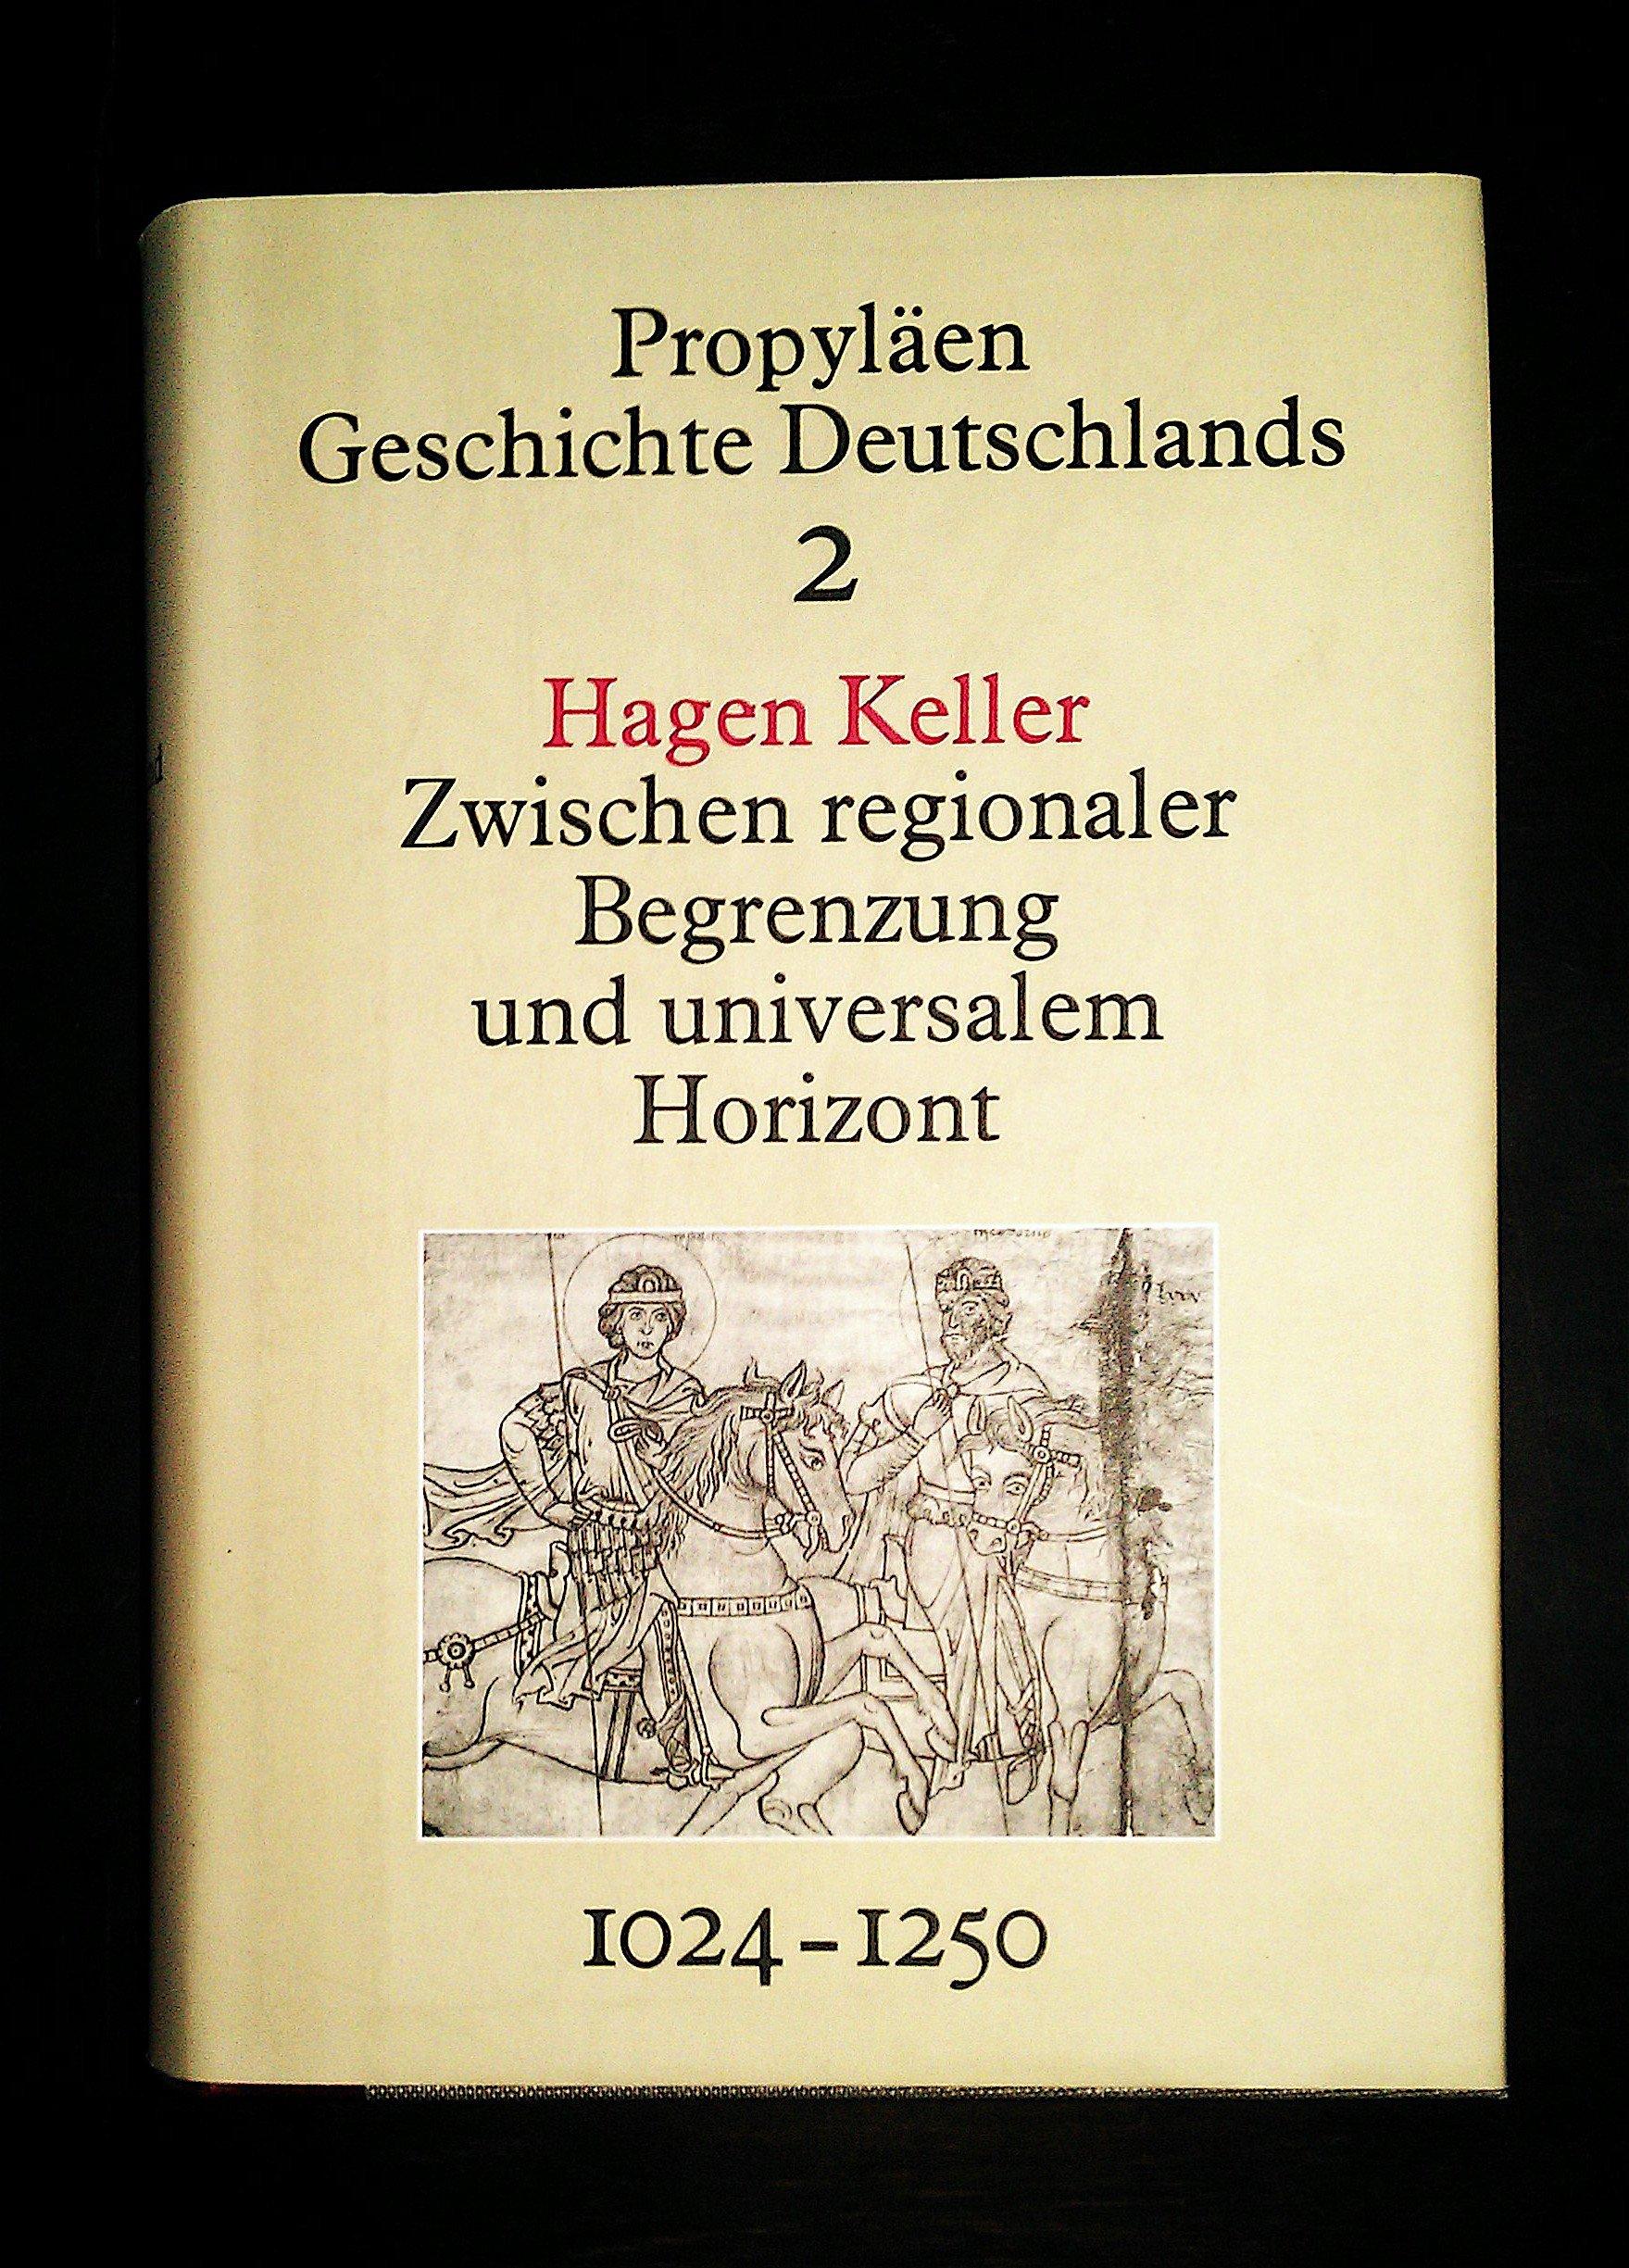 propylen-geschichte-deutschlands-bd-2-zwischen-regionaler-begrenzung-und-universalem-horizont